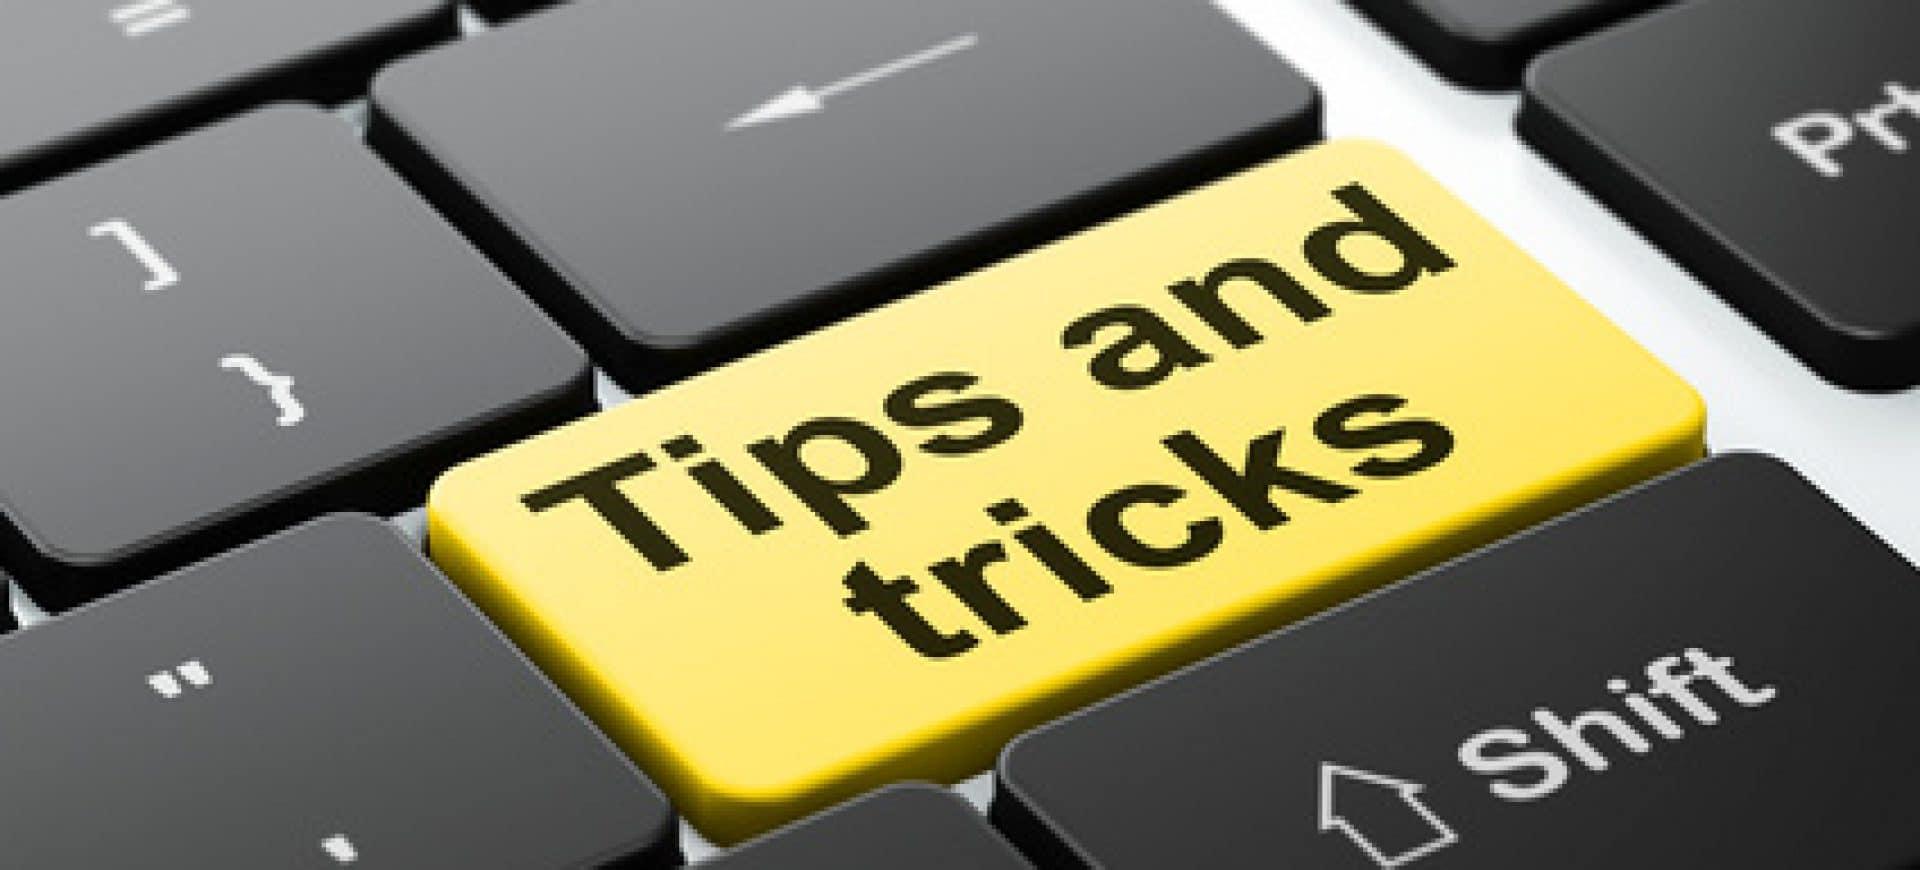 Tipps und Tricks zum Steuern sparen